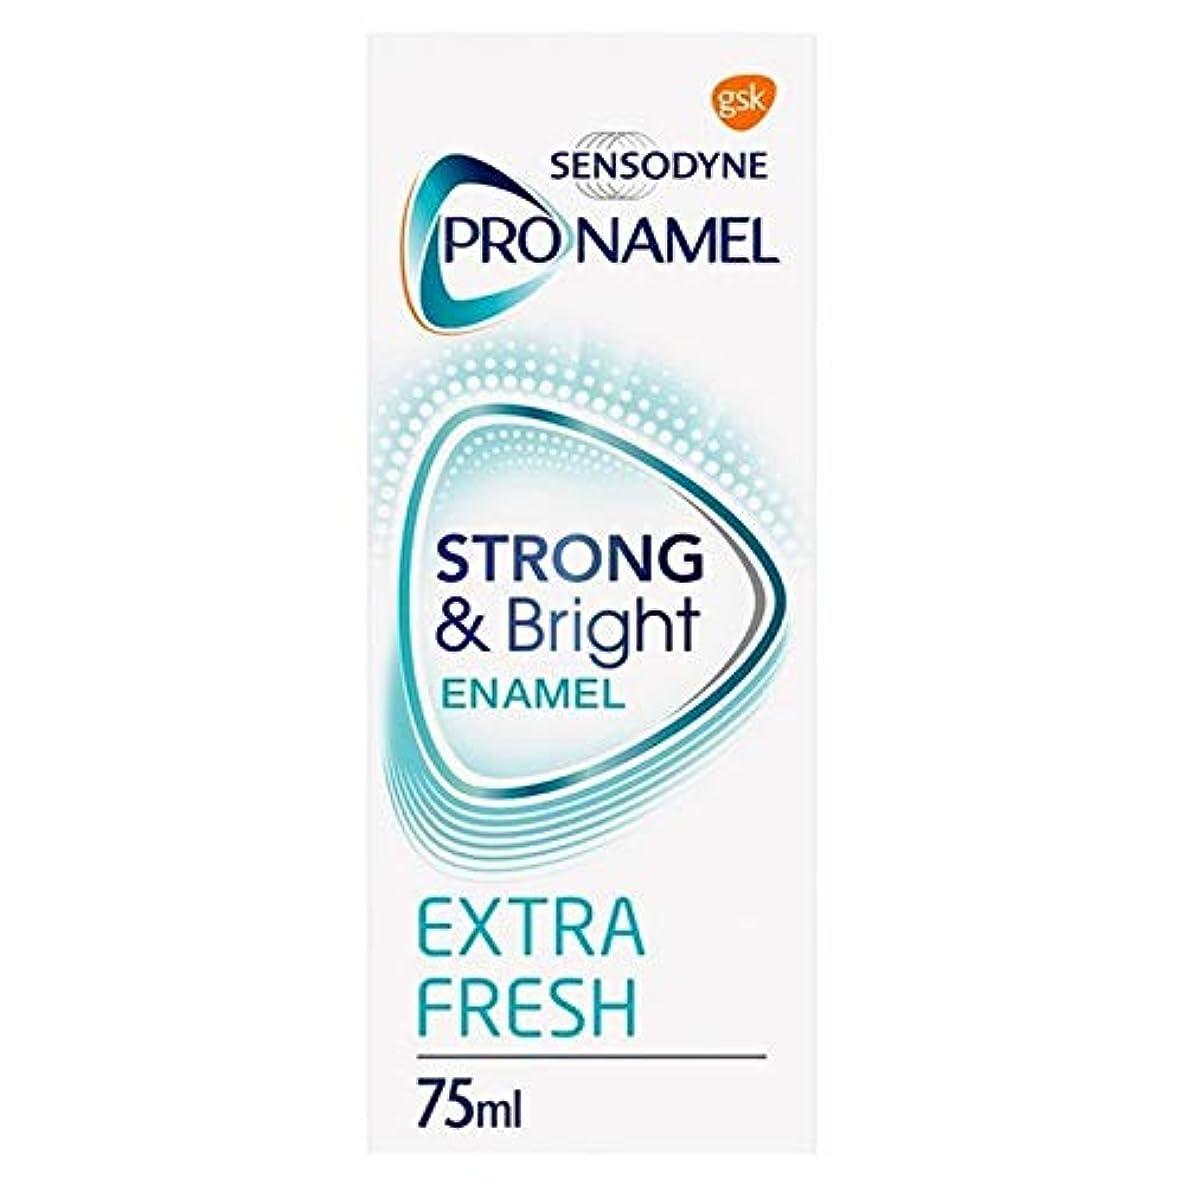 アパル真珠のような販売計画[Sensodyne] SensodyneのPronamel強い&ブライト歯磨き粉75ミリリットル - Sensodyne Pronamel Strong & Bright Toothpaste 75ml [並行輸入品]